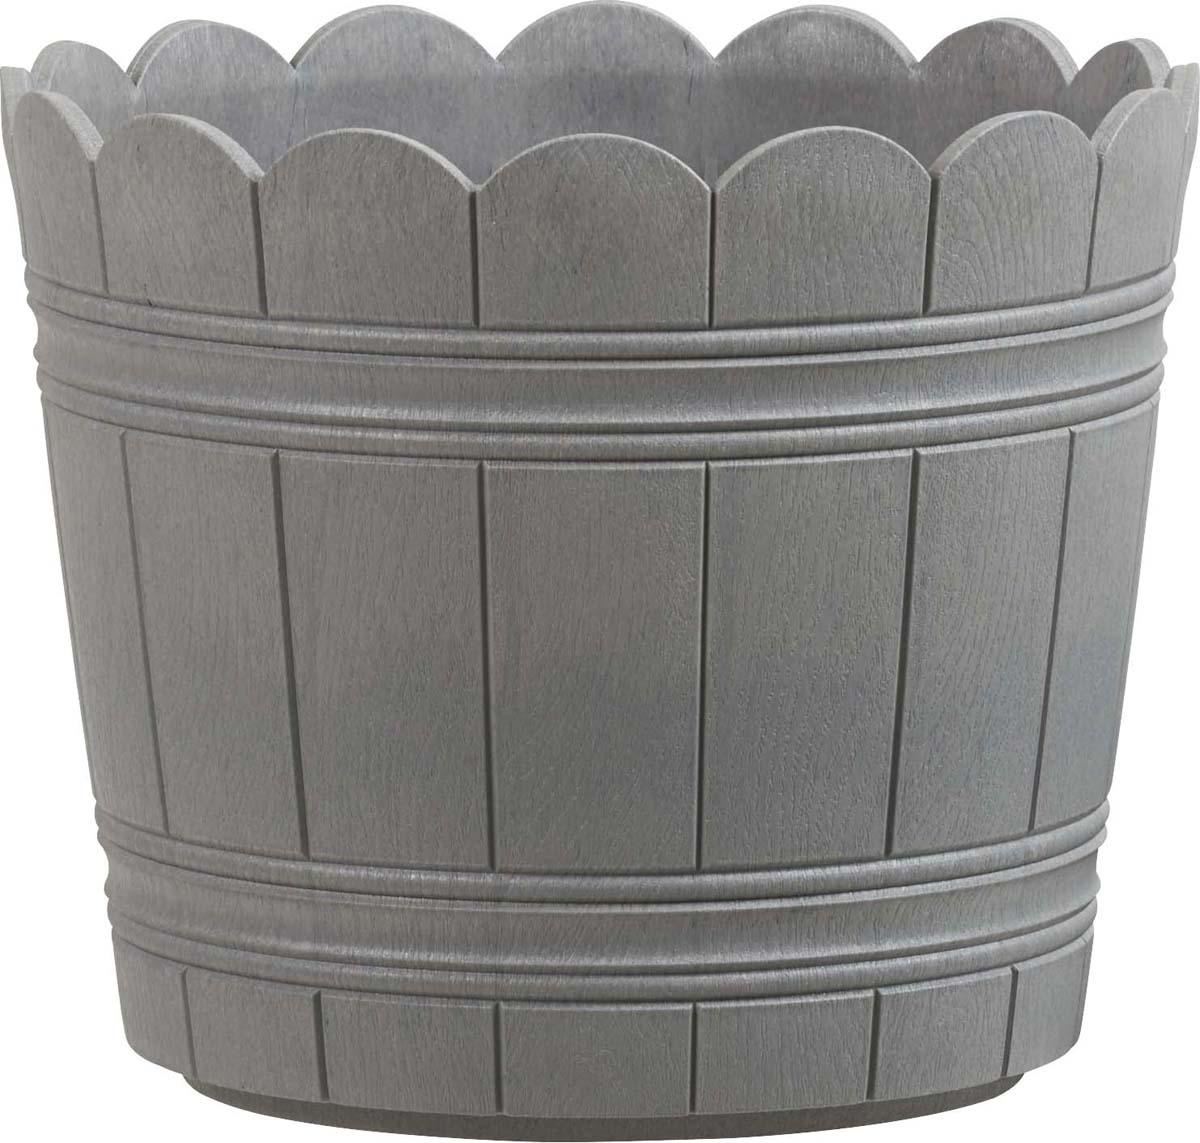 Кашпо Emsa Country, цвет: серый, диаметр 35 см ящик балконный emsa country цвет серый 50 x 17 x 15 см